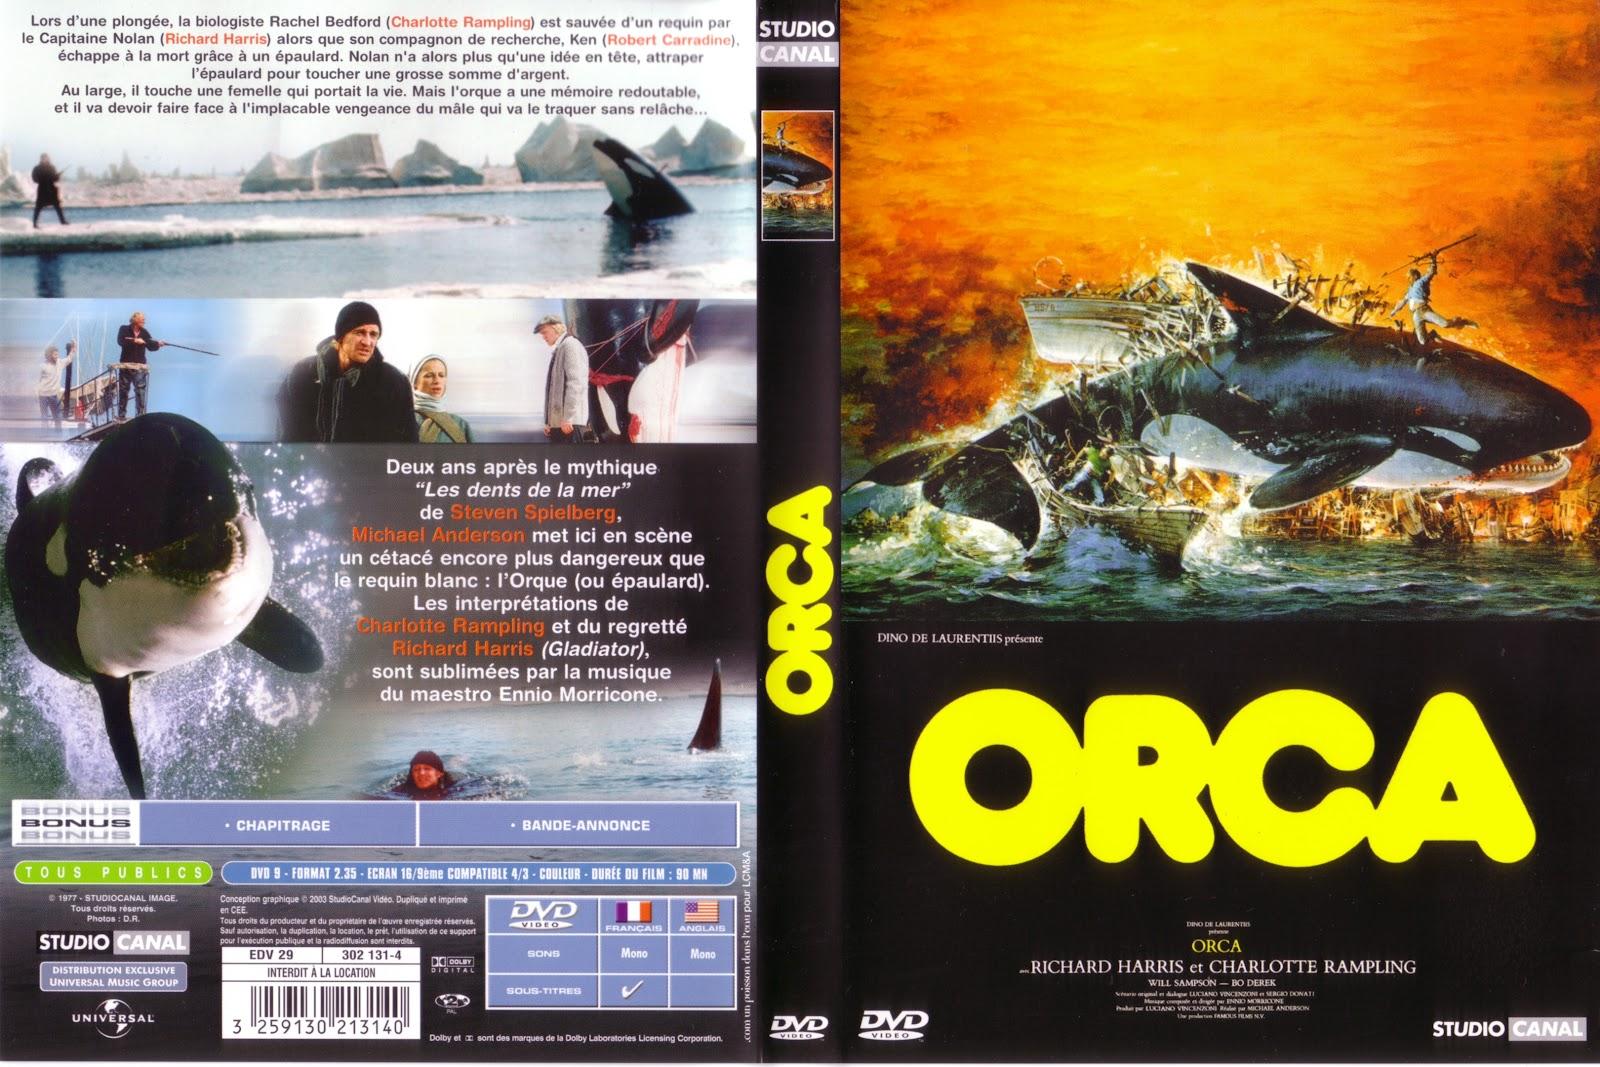 Cultforever Orca 1977